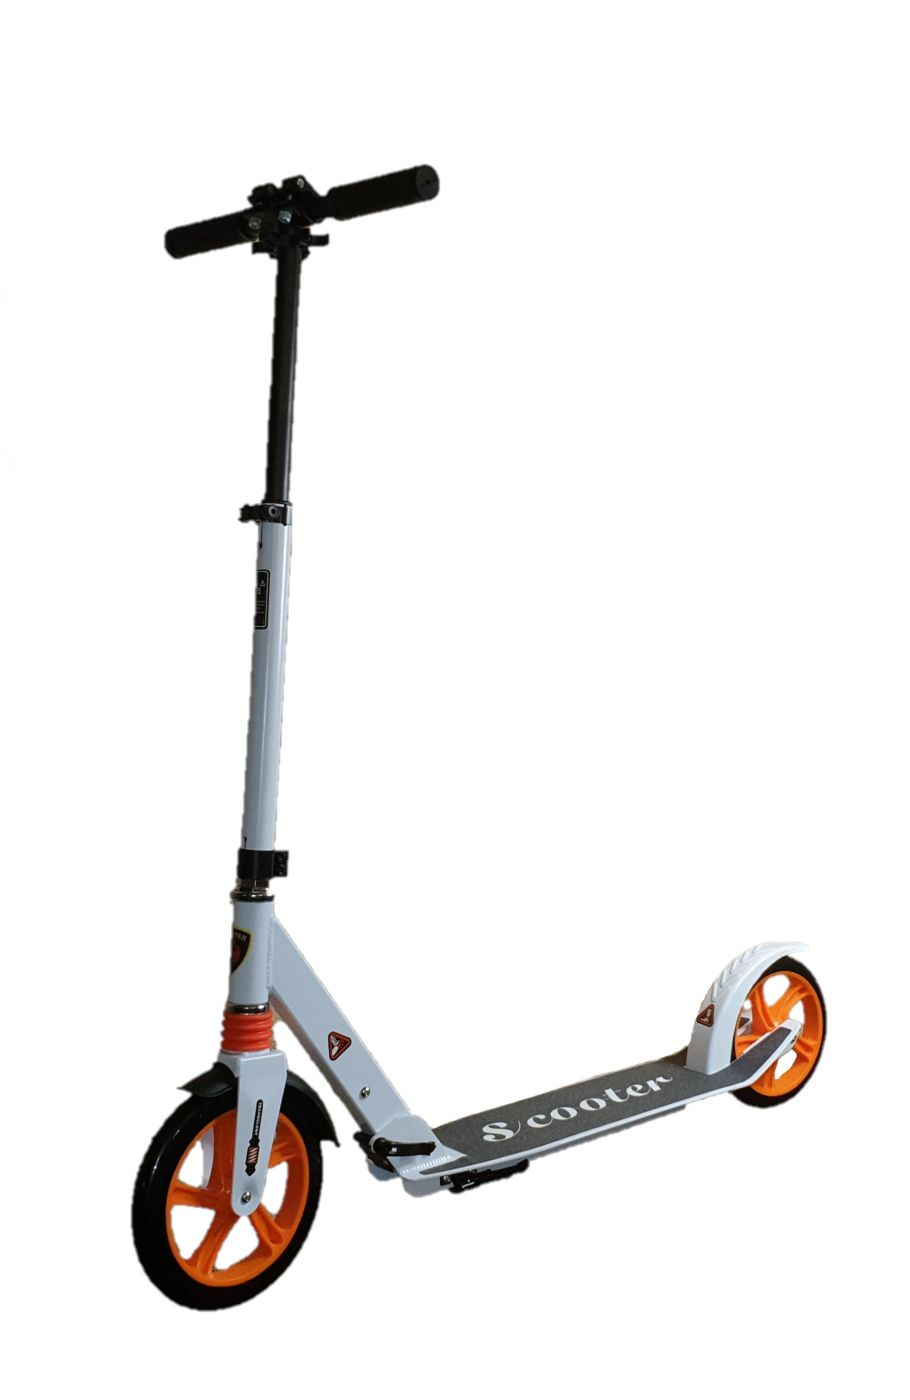 G00006 Самокат для взрослых Urban Scooter Max с передним амортизатором большие колеса 230